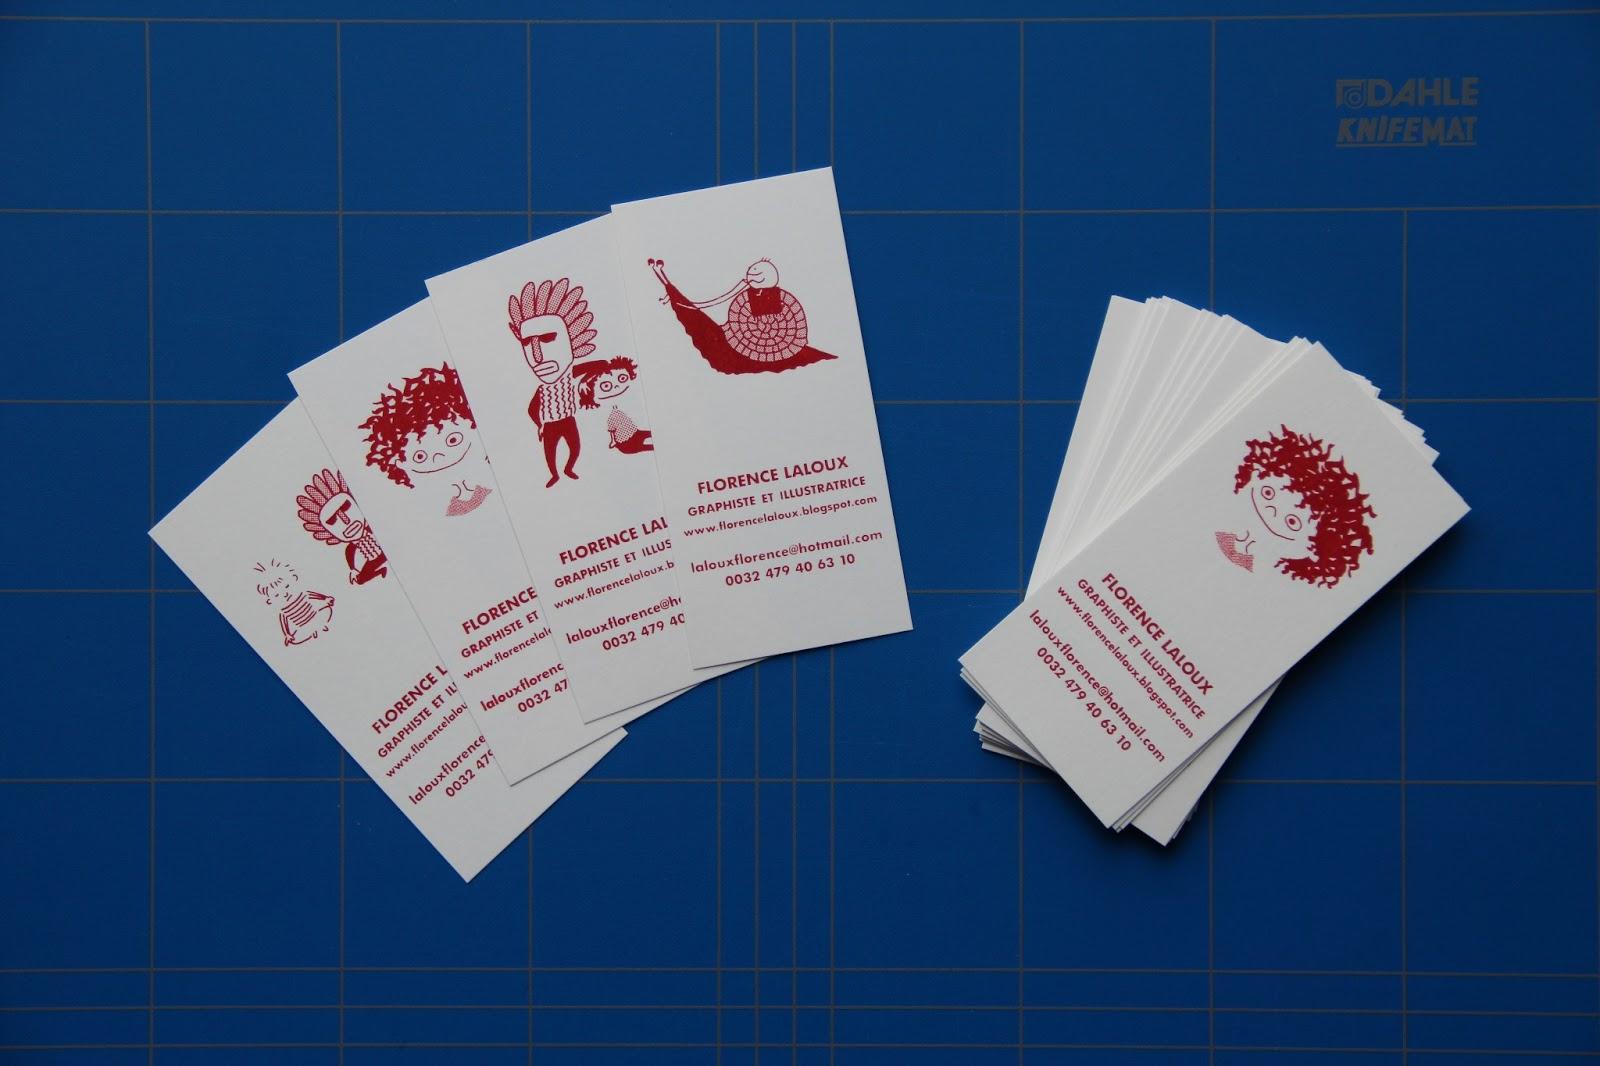 Mes Nouvelles Cartes De Visite Materialisees Dans Le Fin Fond Des Caves St Luc Un Lieu Magique Appele Atelier Serigraphie